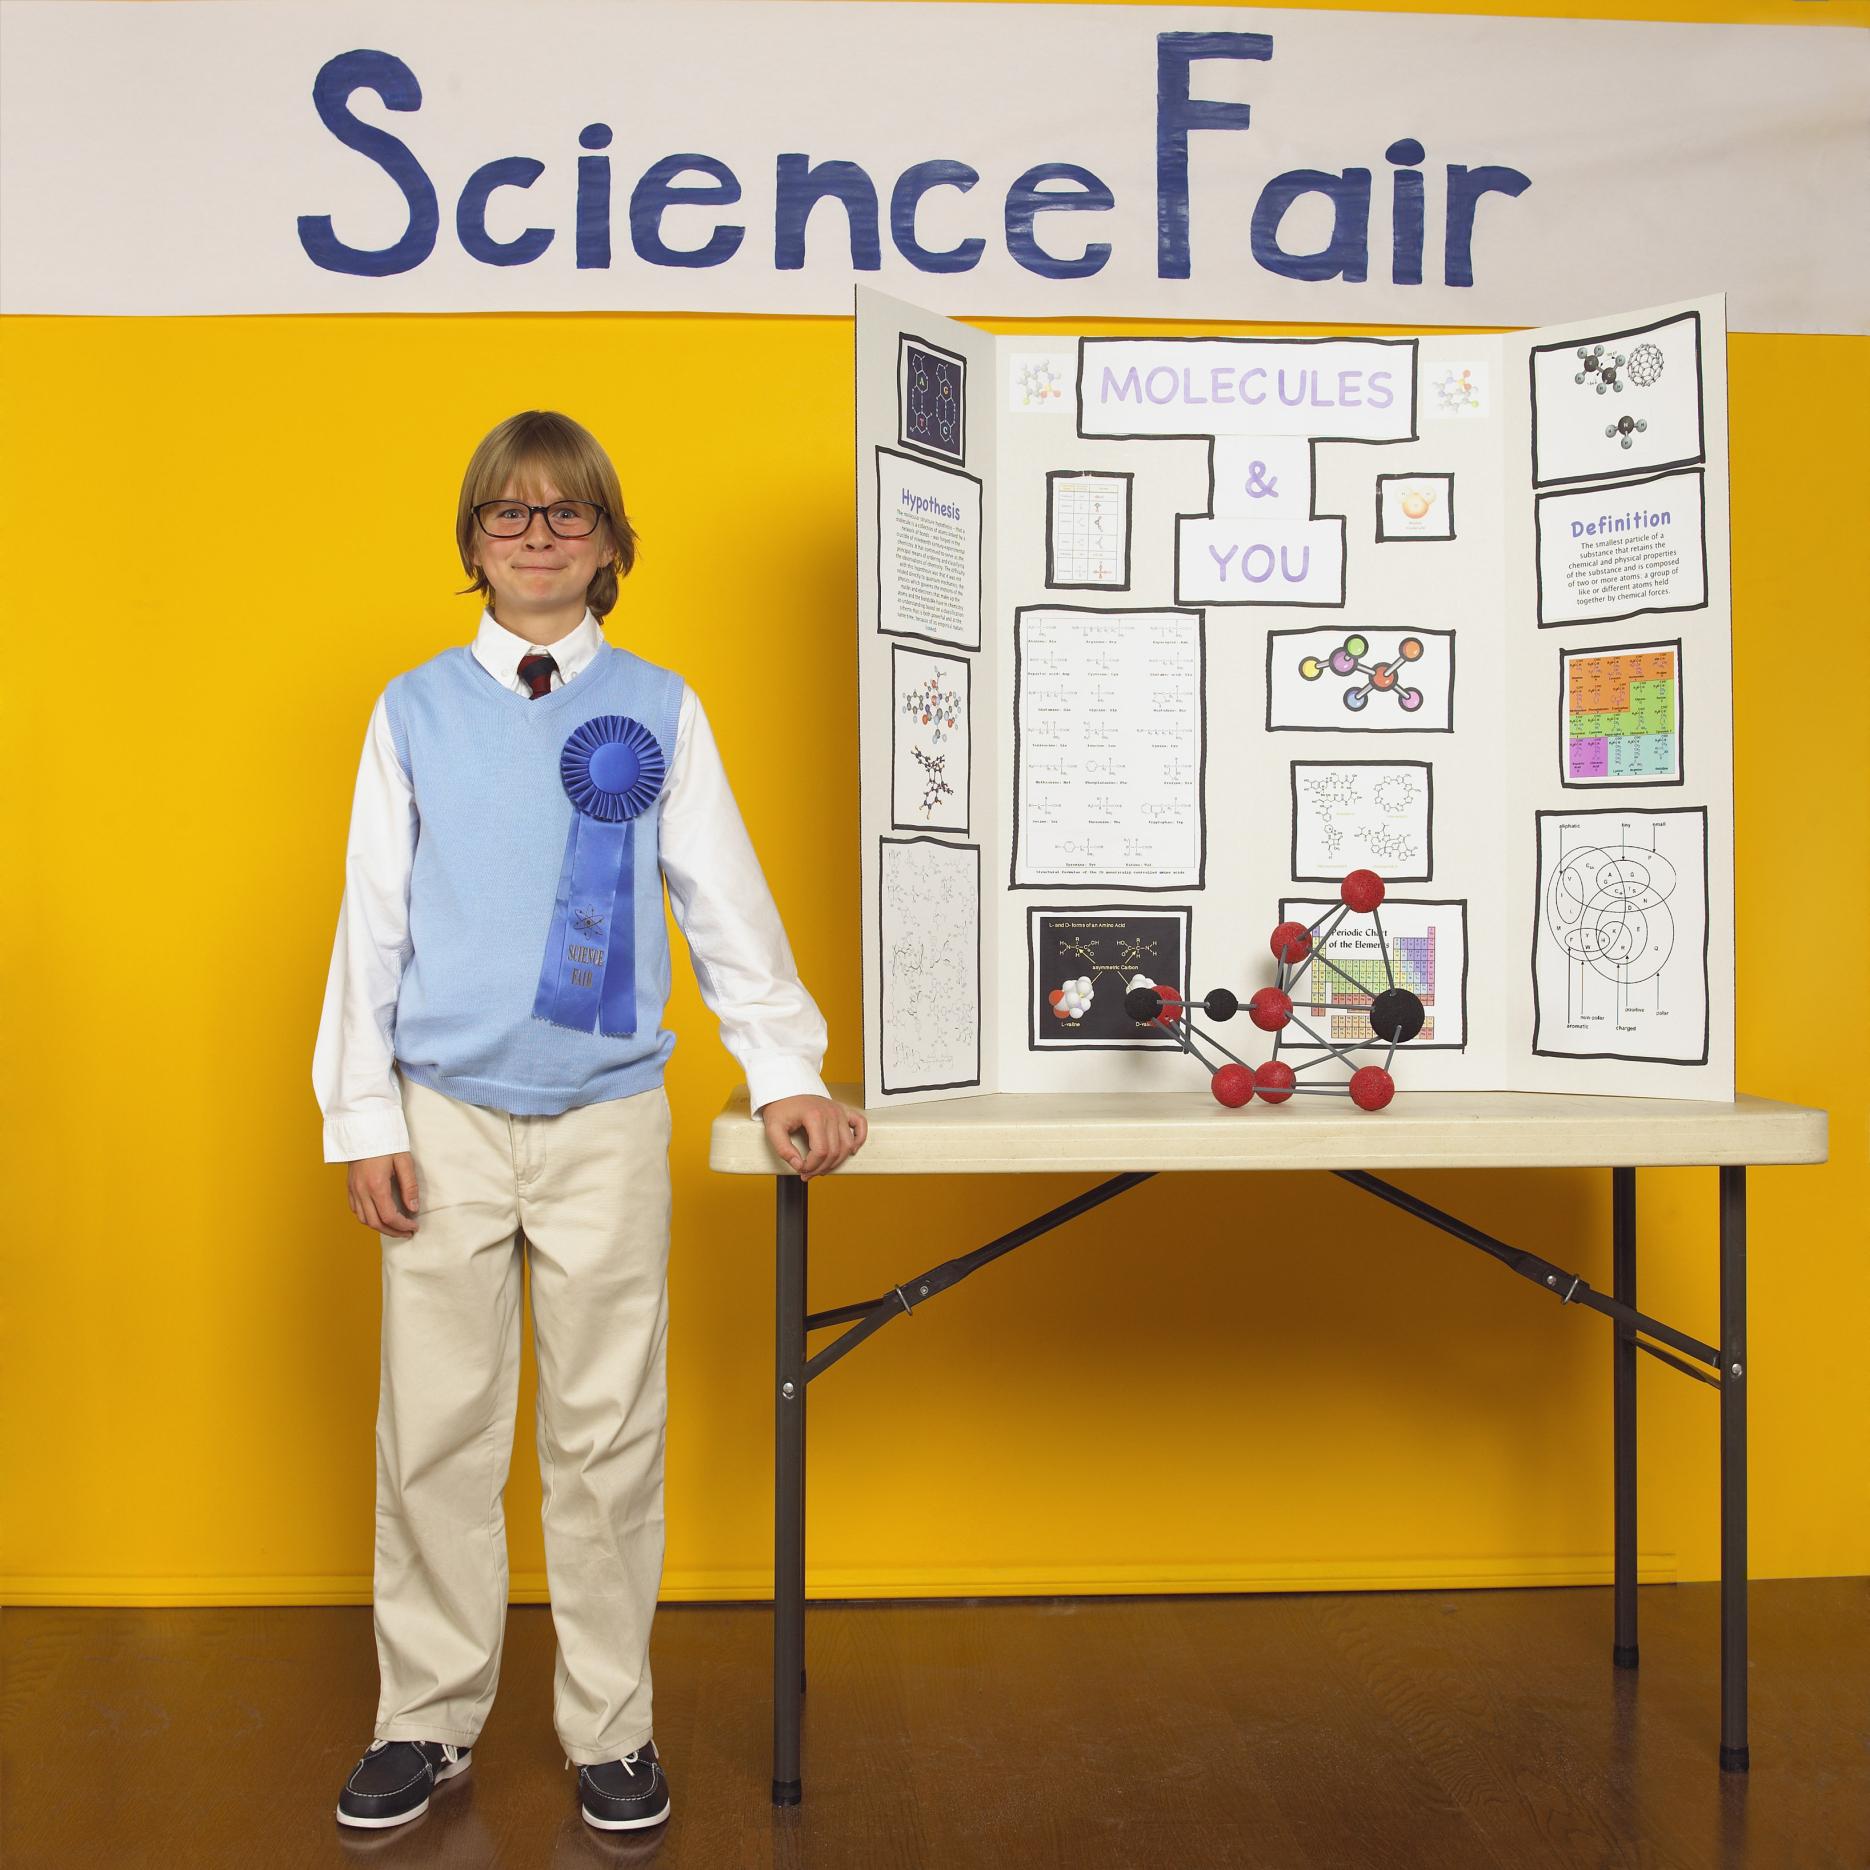 science fair ideas for 5th grade | sciencing